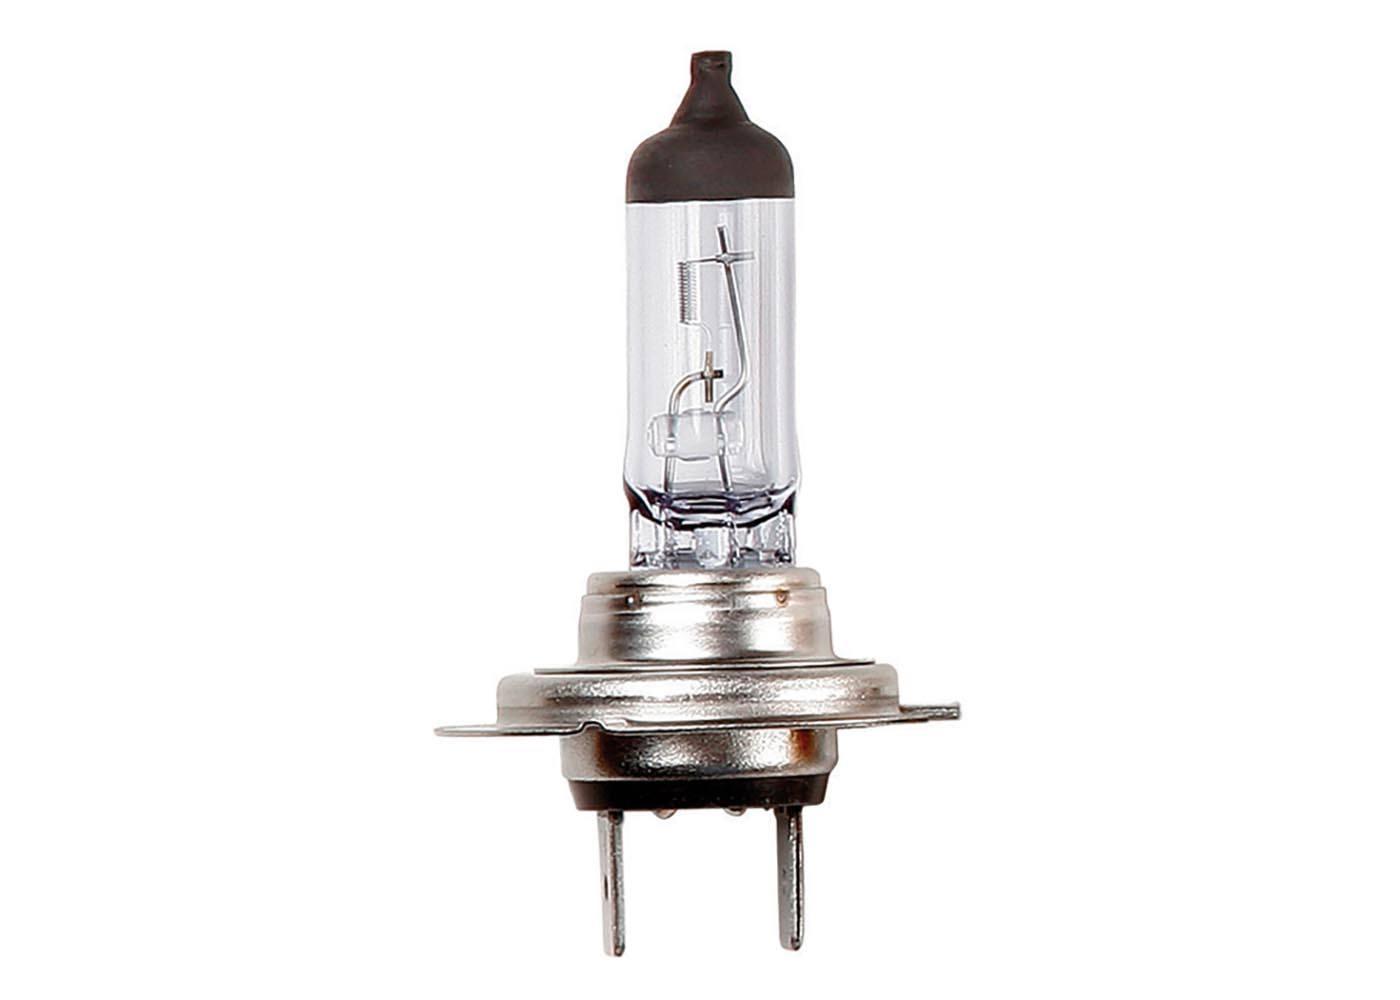 R454 24v 100w H7 High Wattage Halogen Headlamp